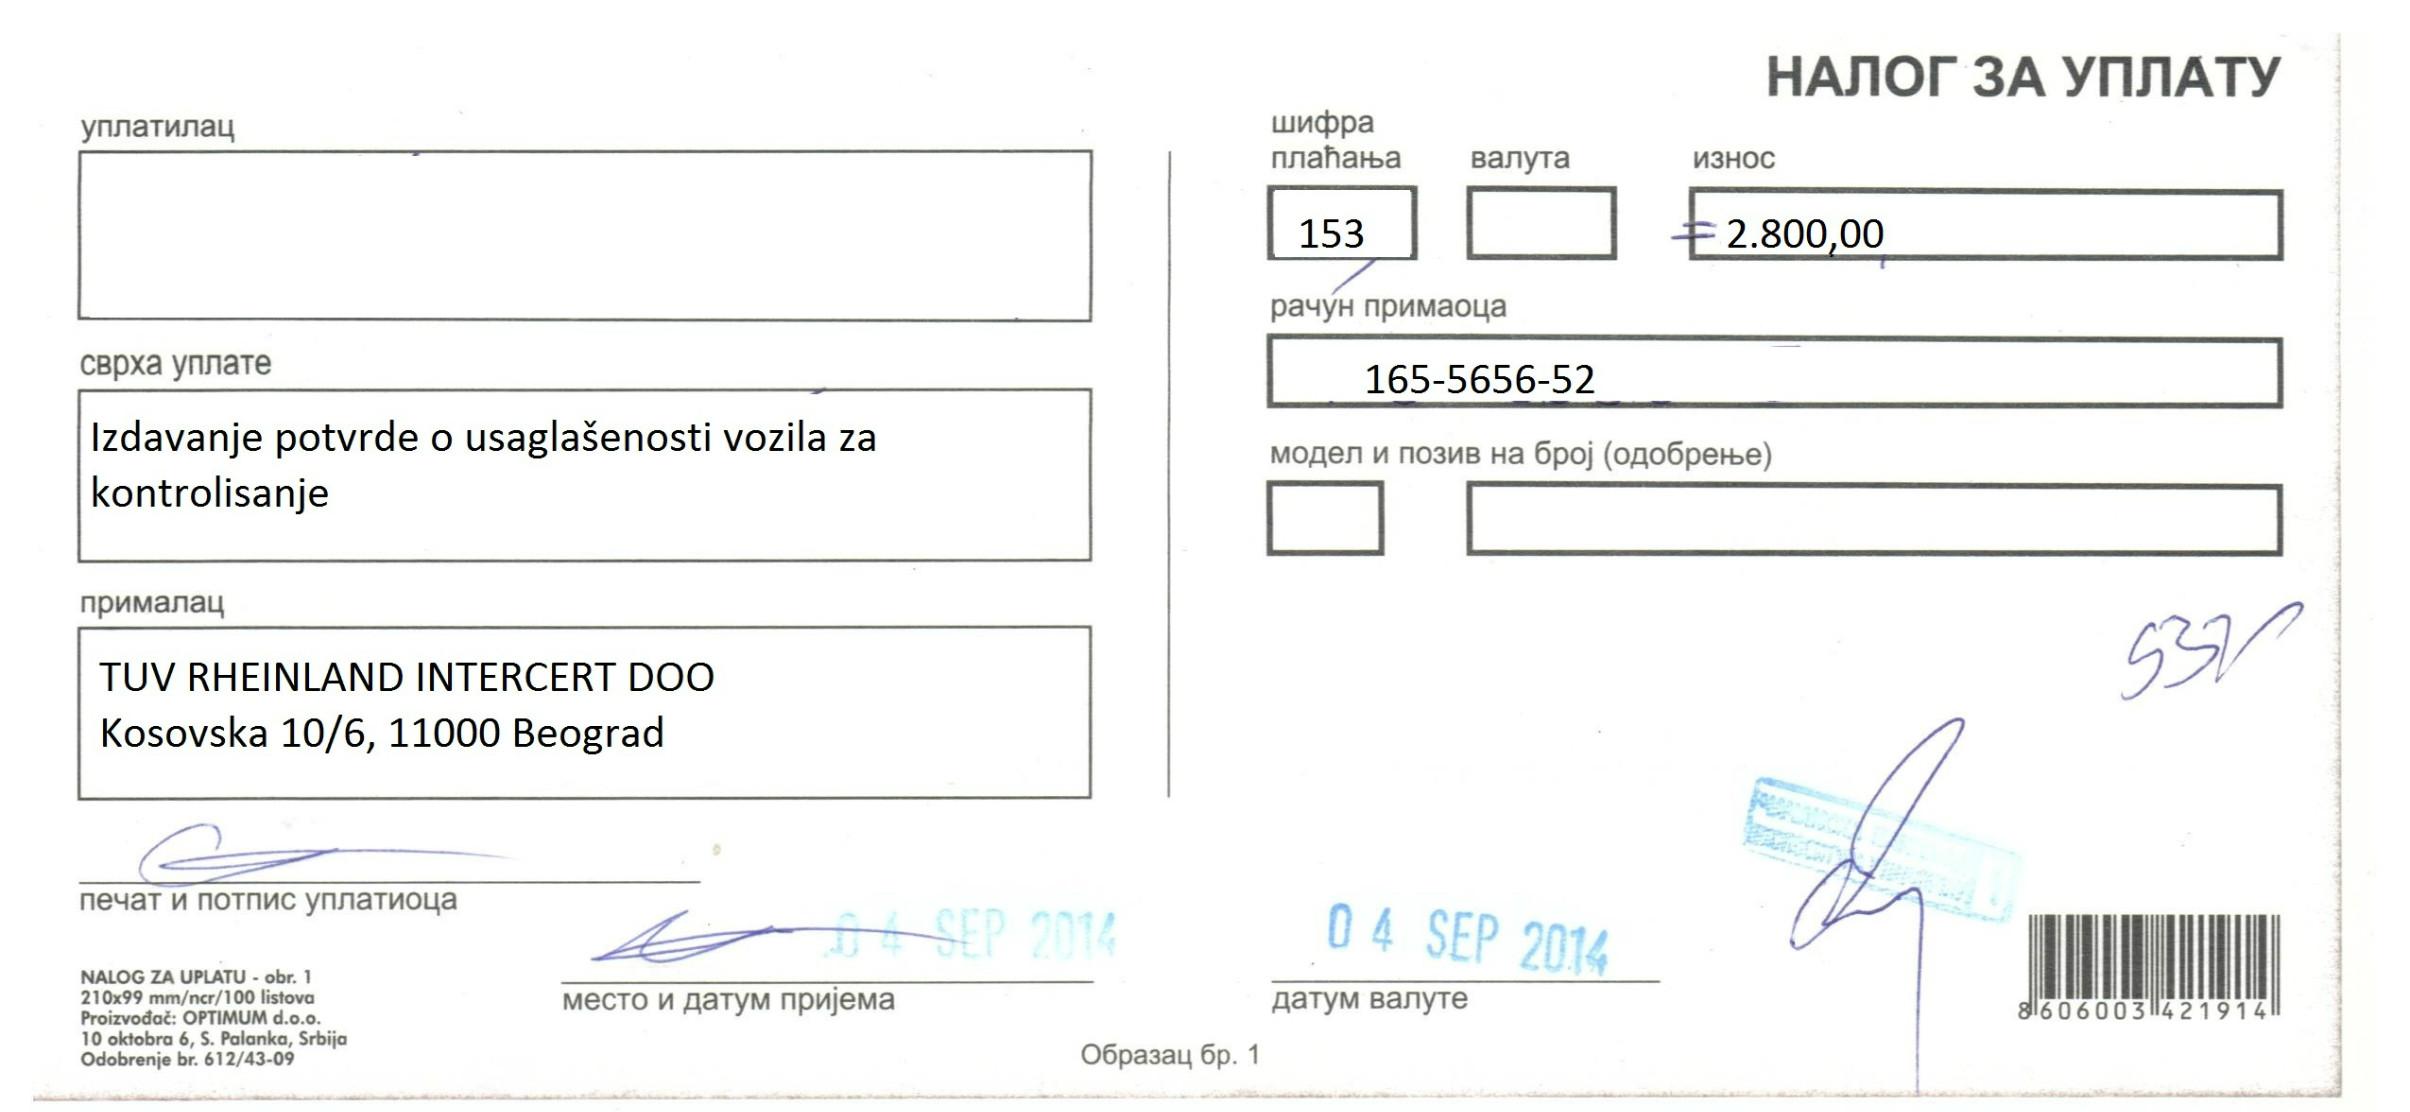 UPLATNICA-2.80000